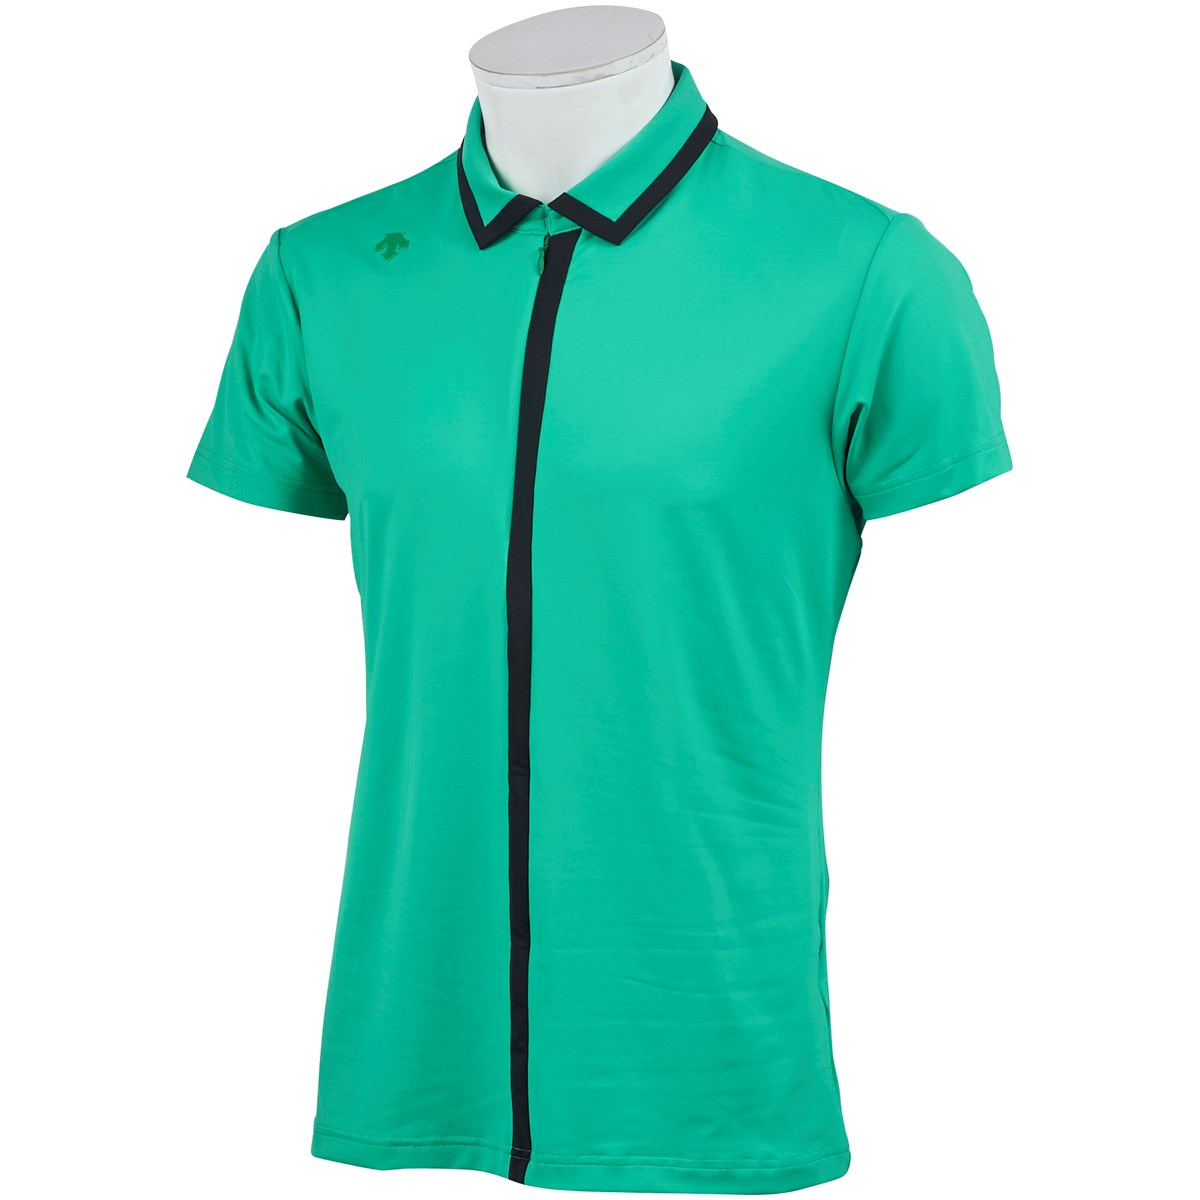 デサントゴルフ(DESCENTE GOLF) ストレッチ 半袖ポロシャツ